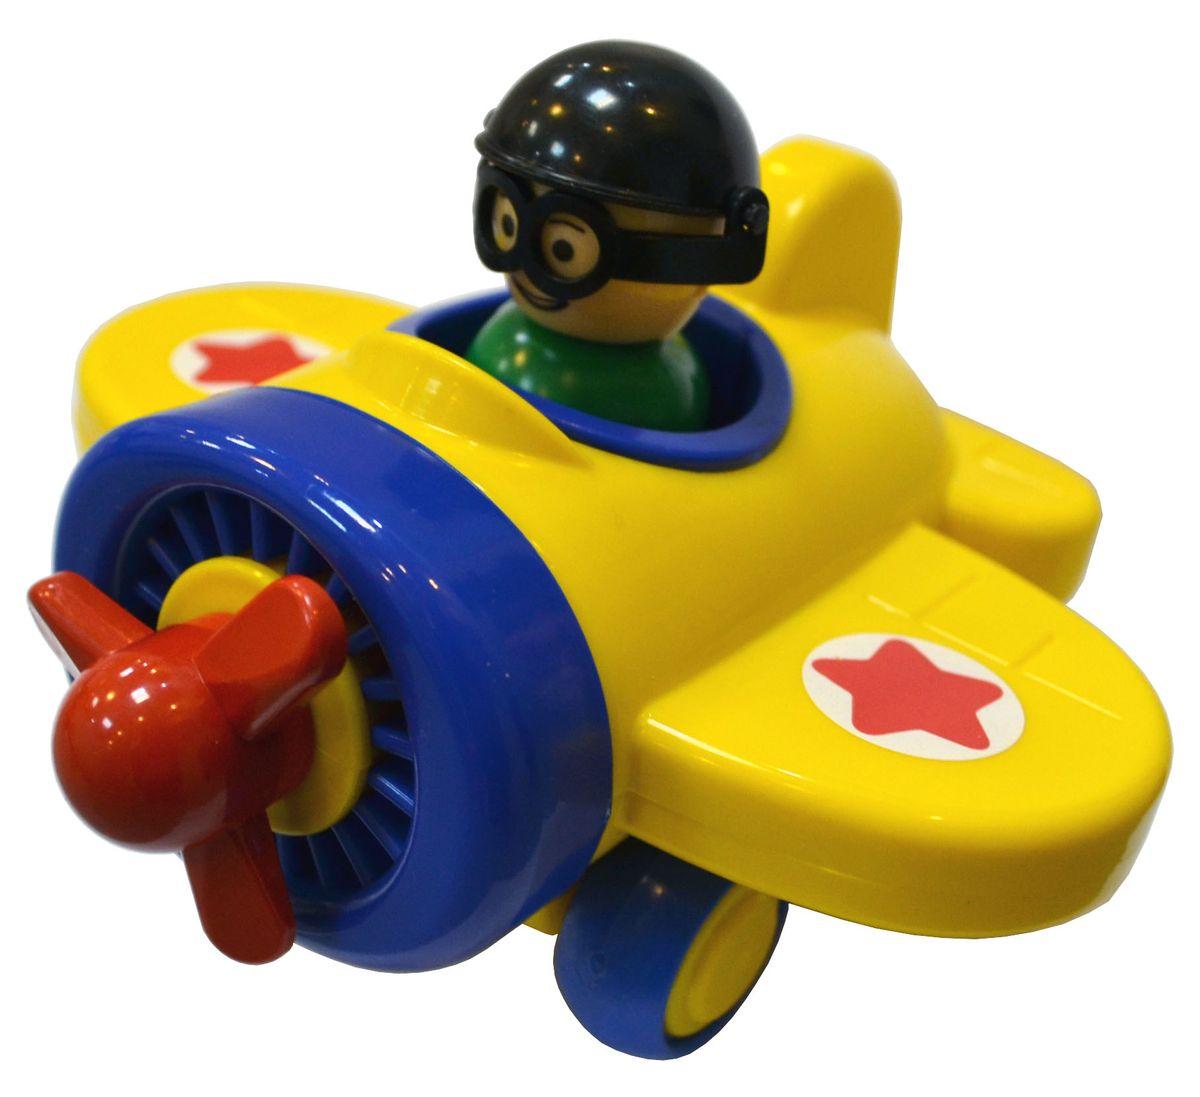 Форма Самолетик Детский садС-123-ФИгрушка Самолетик детский сад - это занимательная игрушка для мальчика. Игрушечный самолет с вращающимся пропеллером и с колесами из ПВХ (поливинилхлорид). Самолет с колесами, благодаря которым самолет можно пускать по полу кататься, оснащен инерционным механизмом. В кабине самолета есть фигурка пилота, которого можно вынуть из самолета.